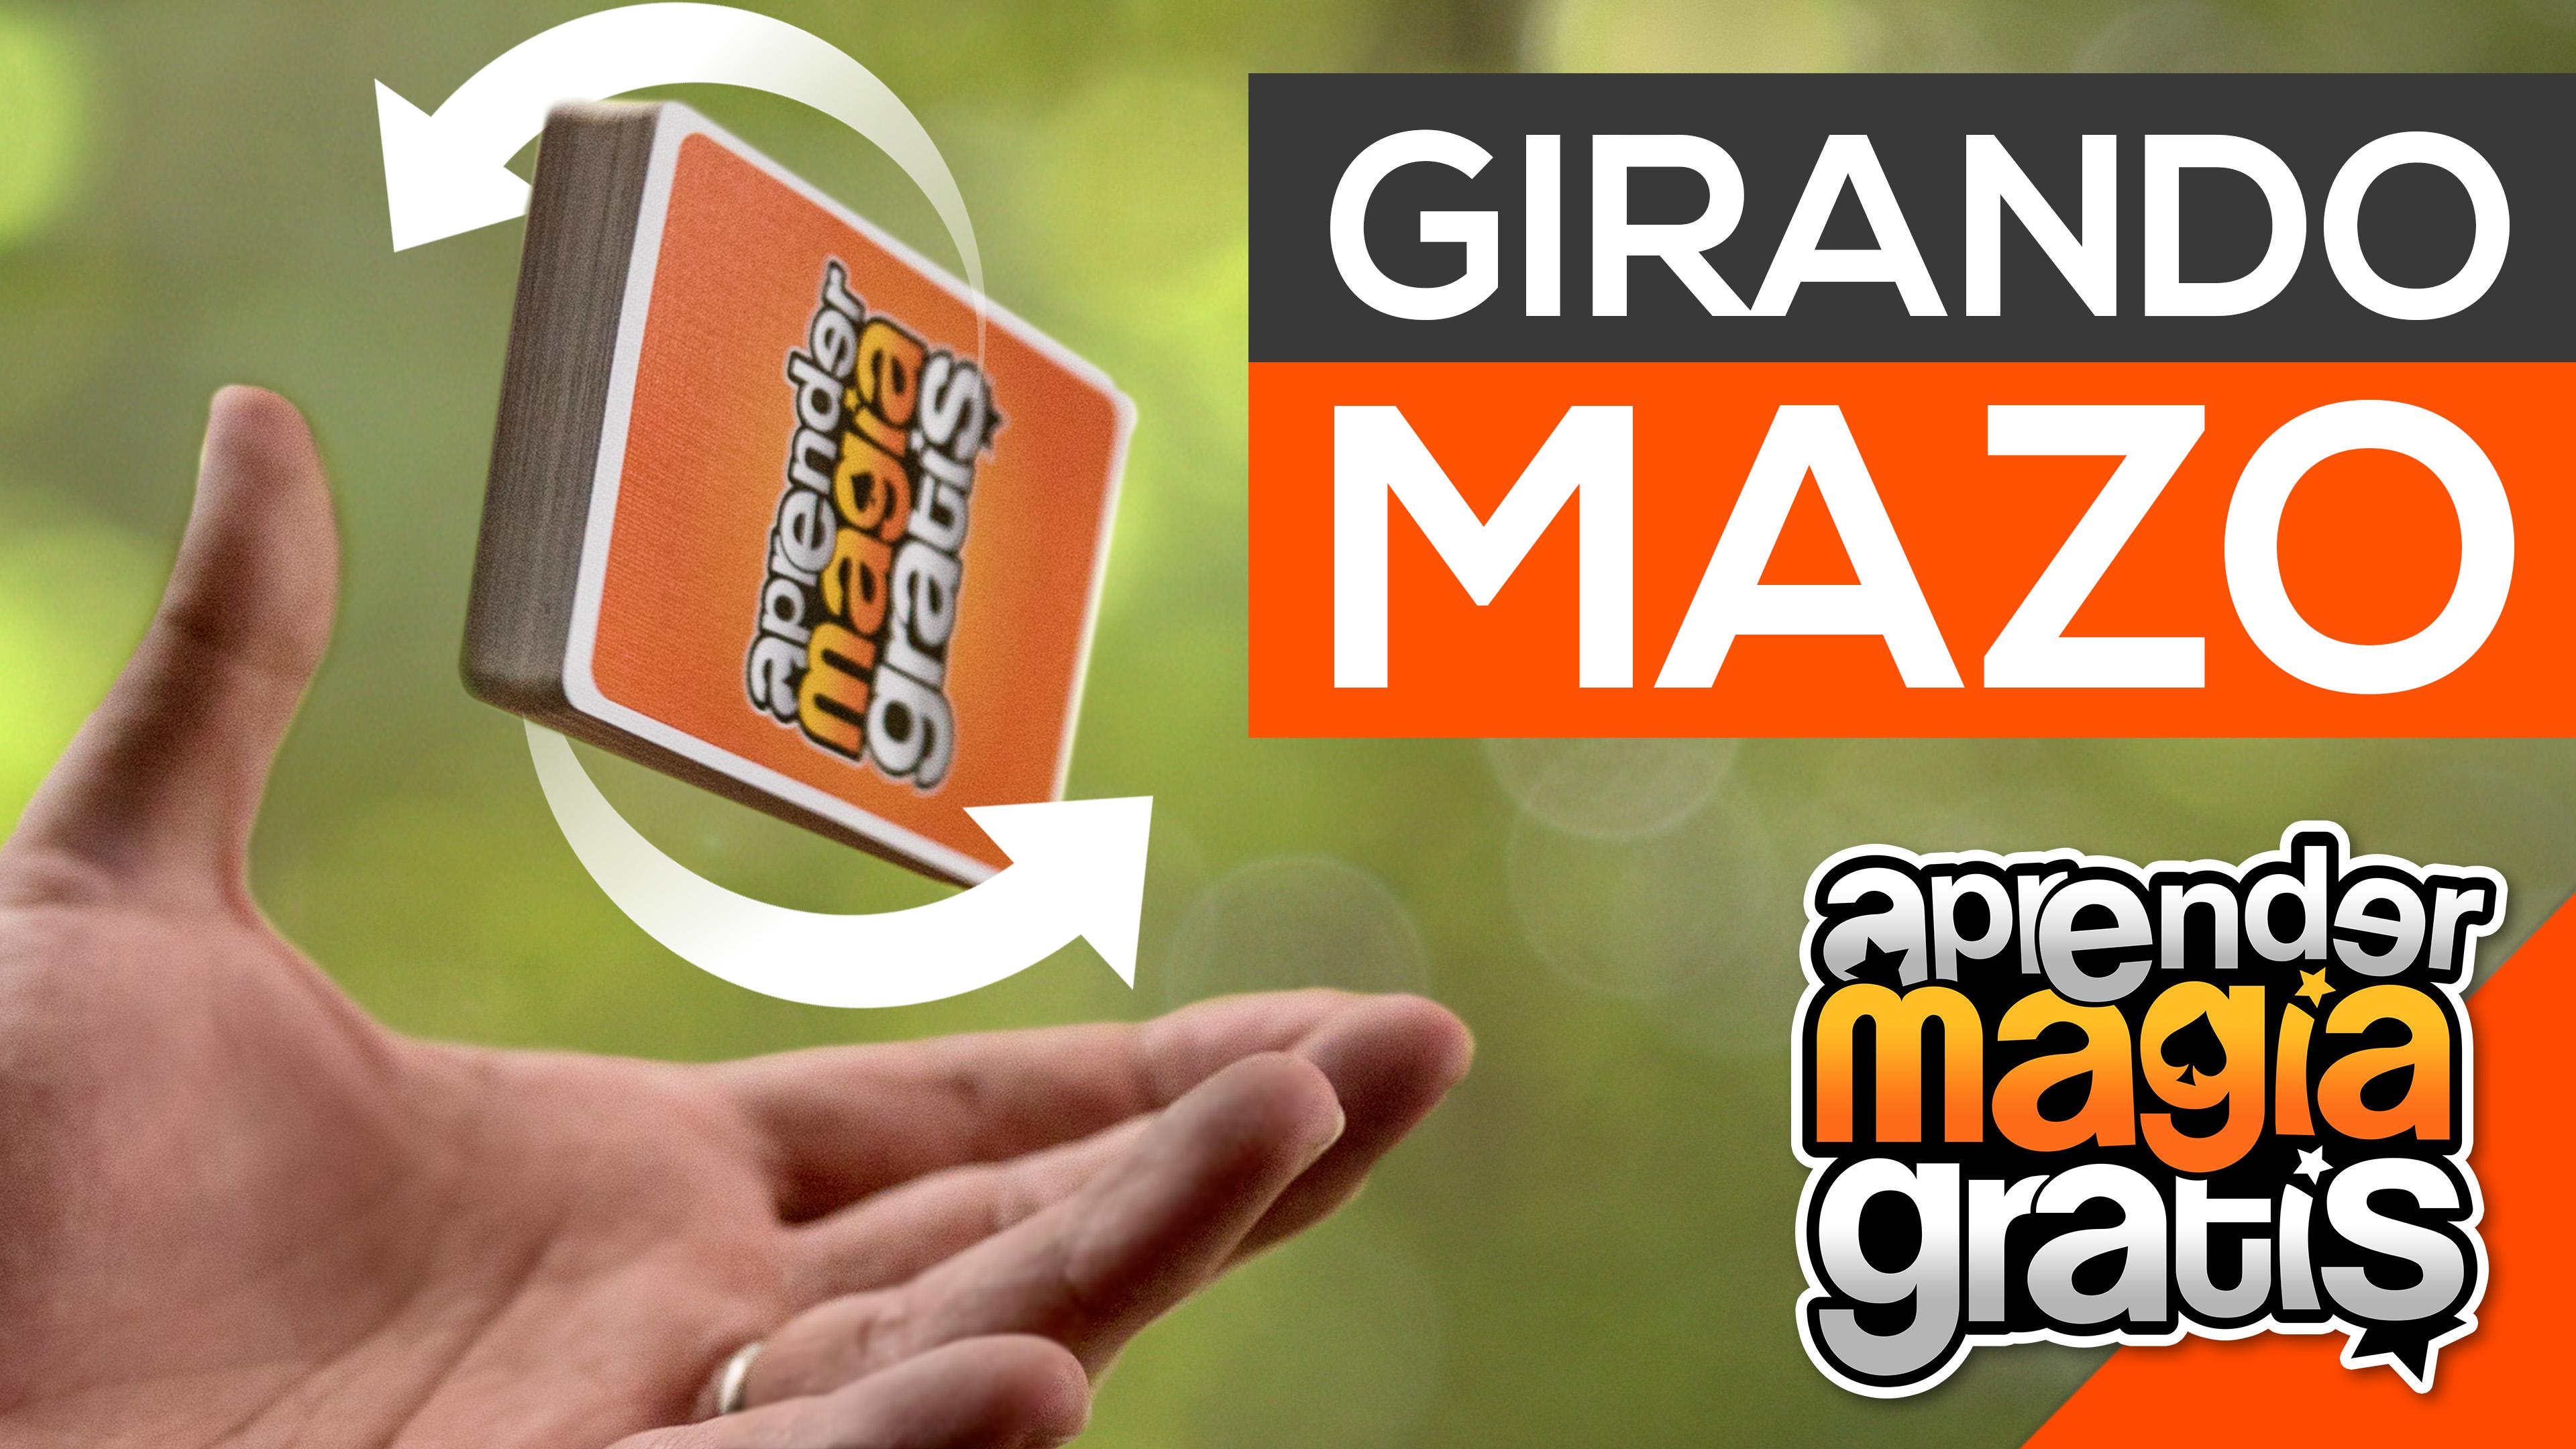 Como girar el mazo de cartas en el aire | TG deck flip | Aprender Magia Gratis